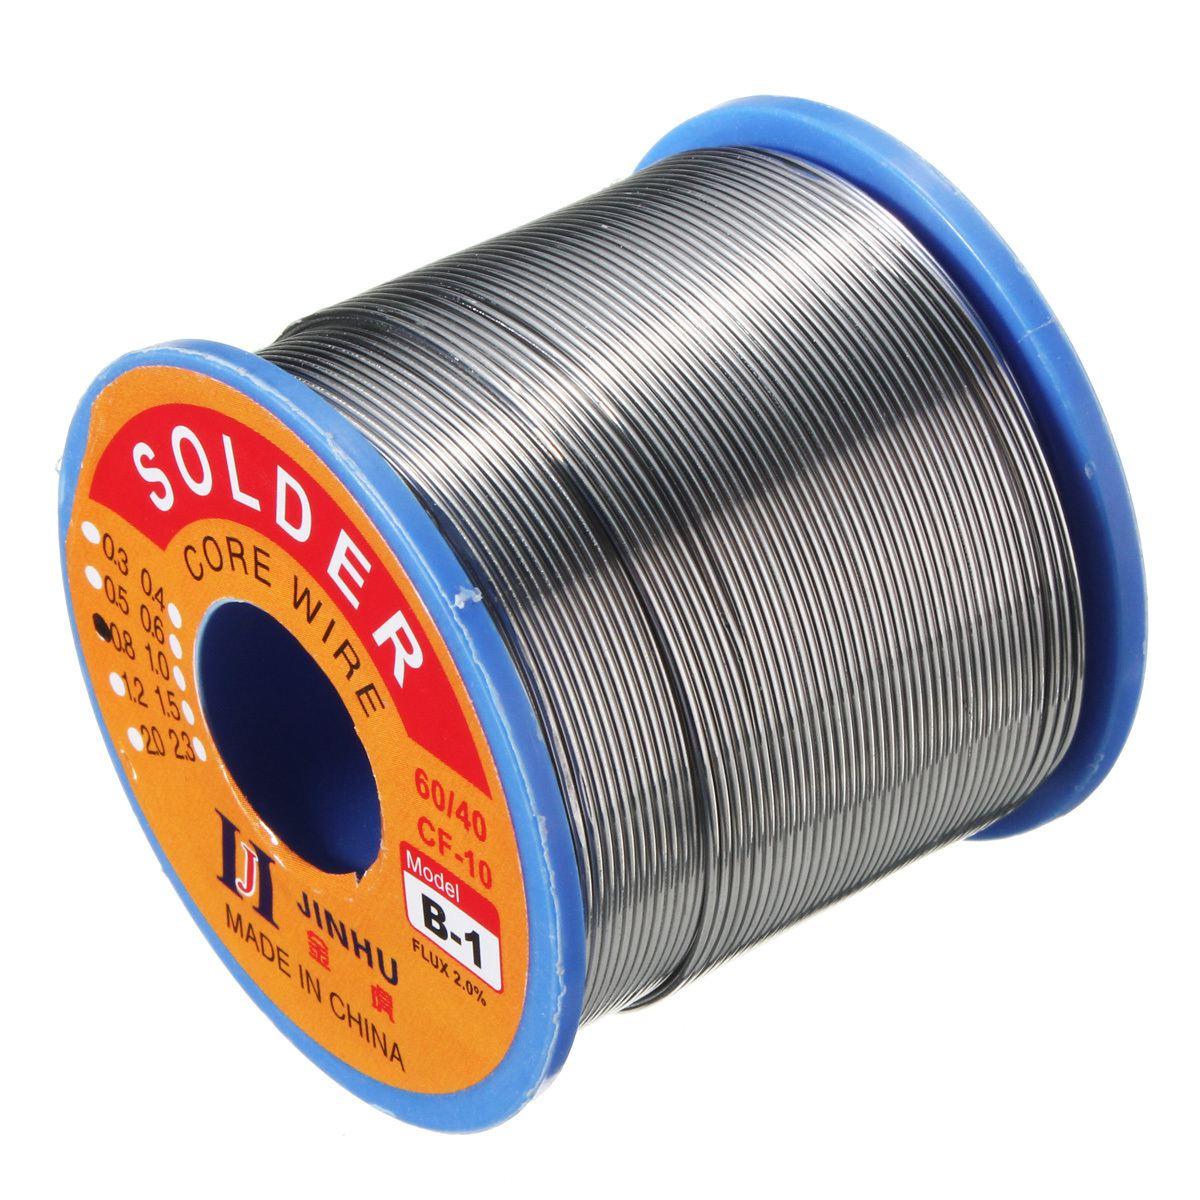 0,5/0,7/1mm 60/40 FLUX 2.0% 500g Zinn Blei Solder Draht Melt Harz-kern Solder Löten draht Rolle